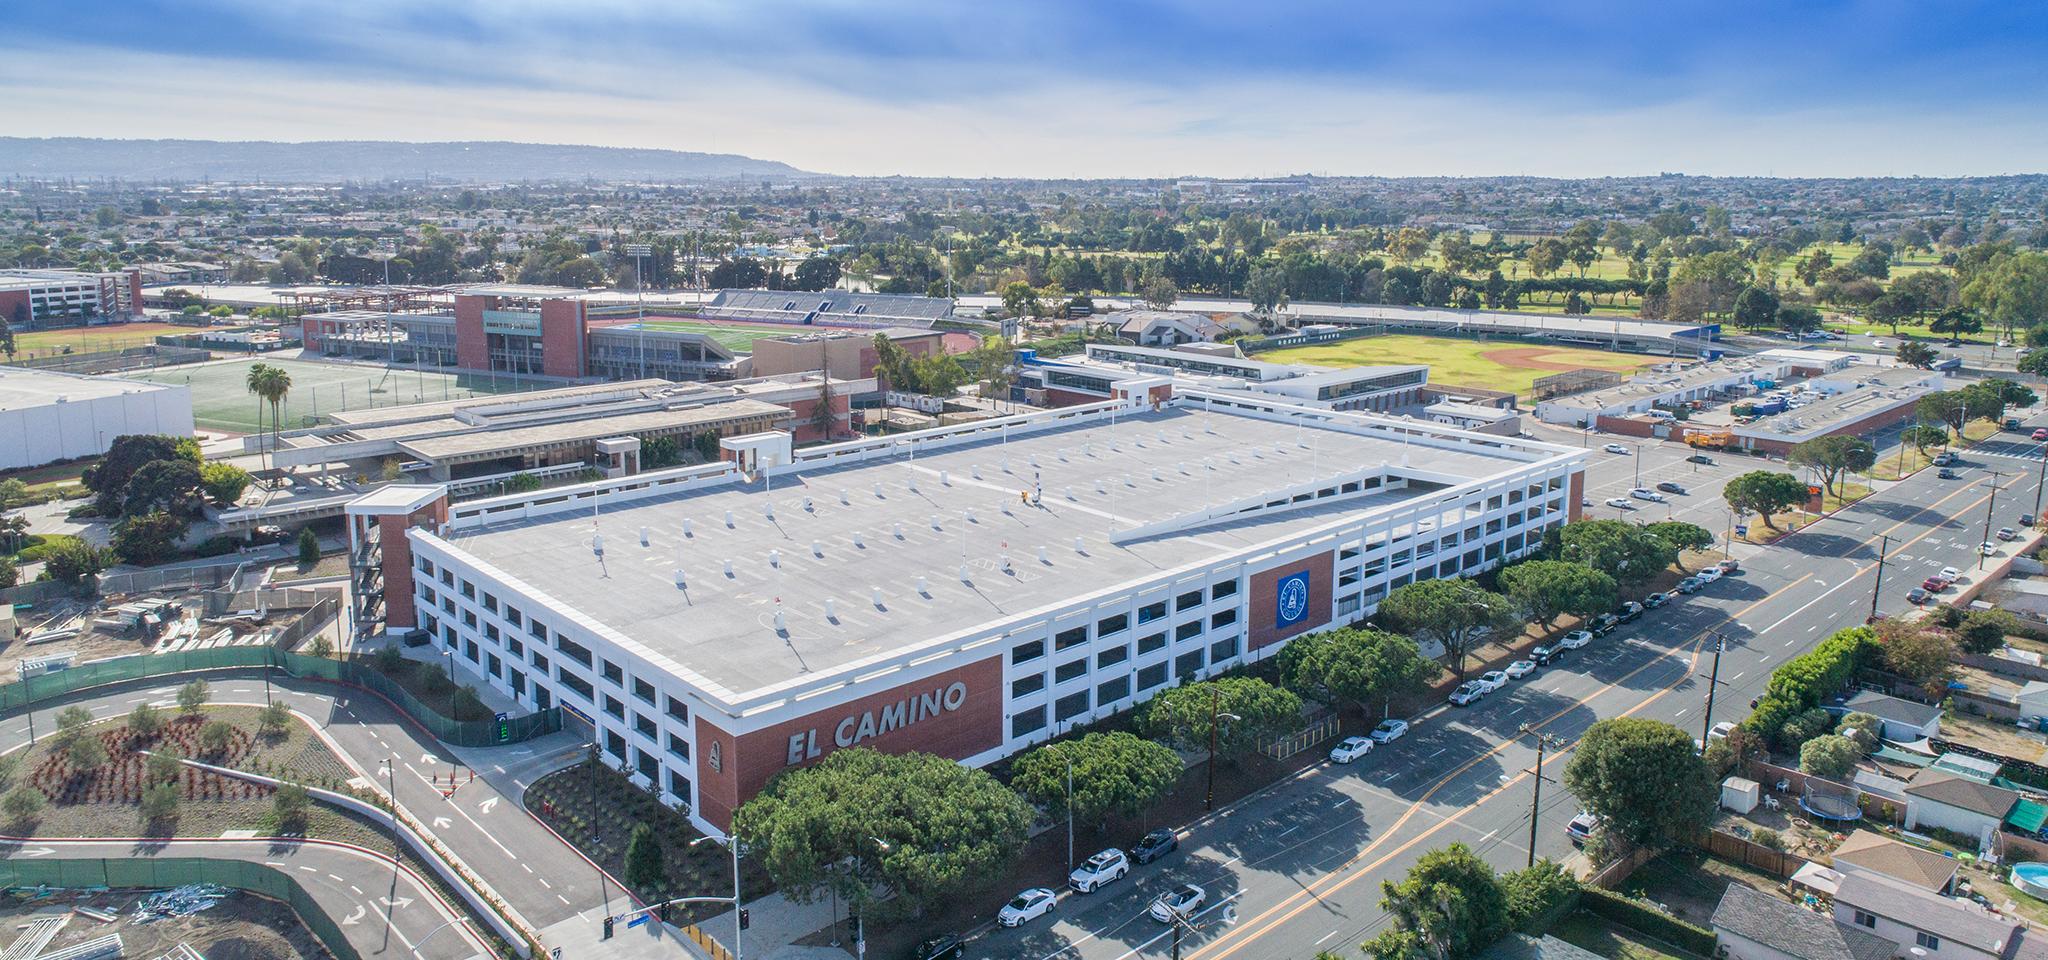 El Camino College Lot C Parking Structure